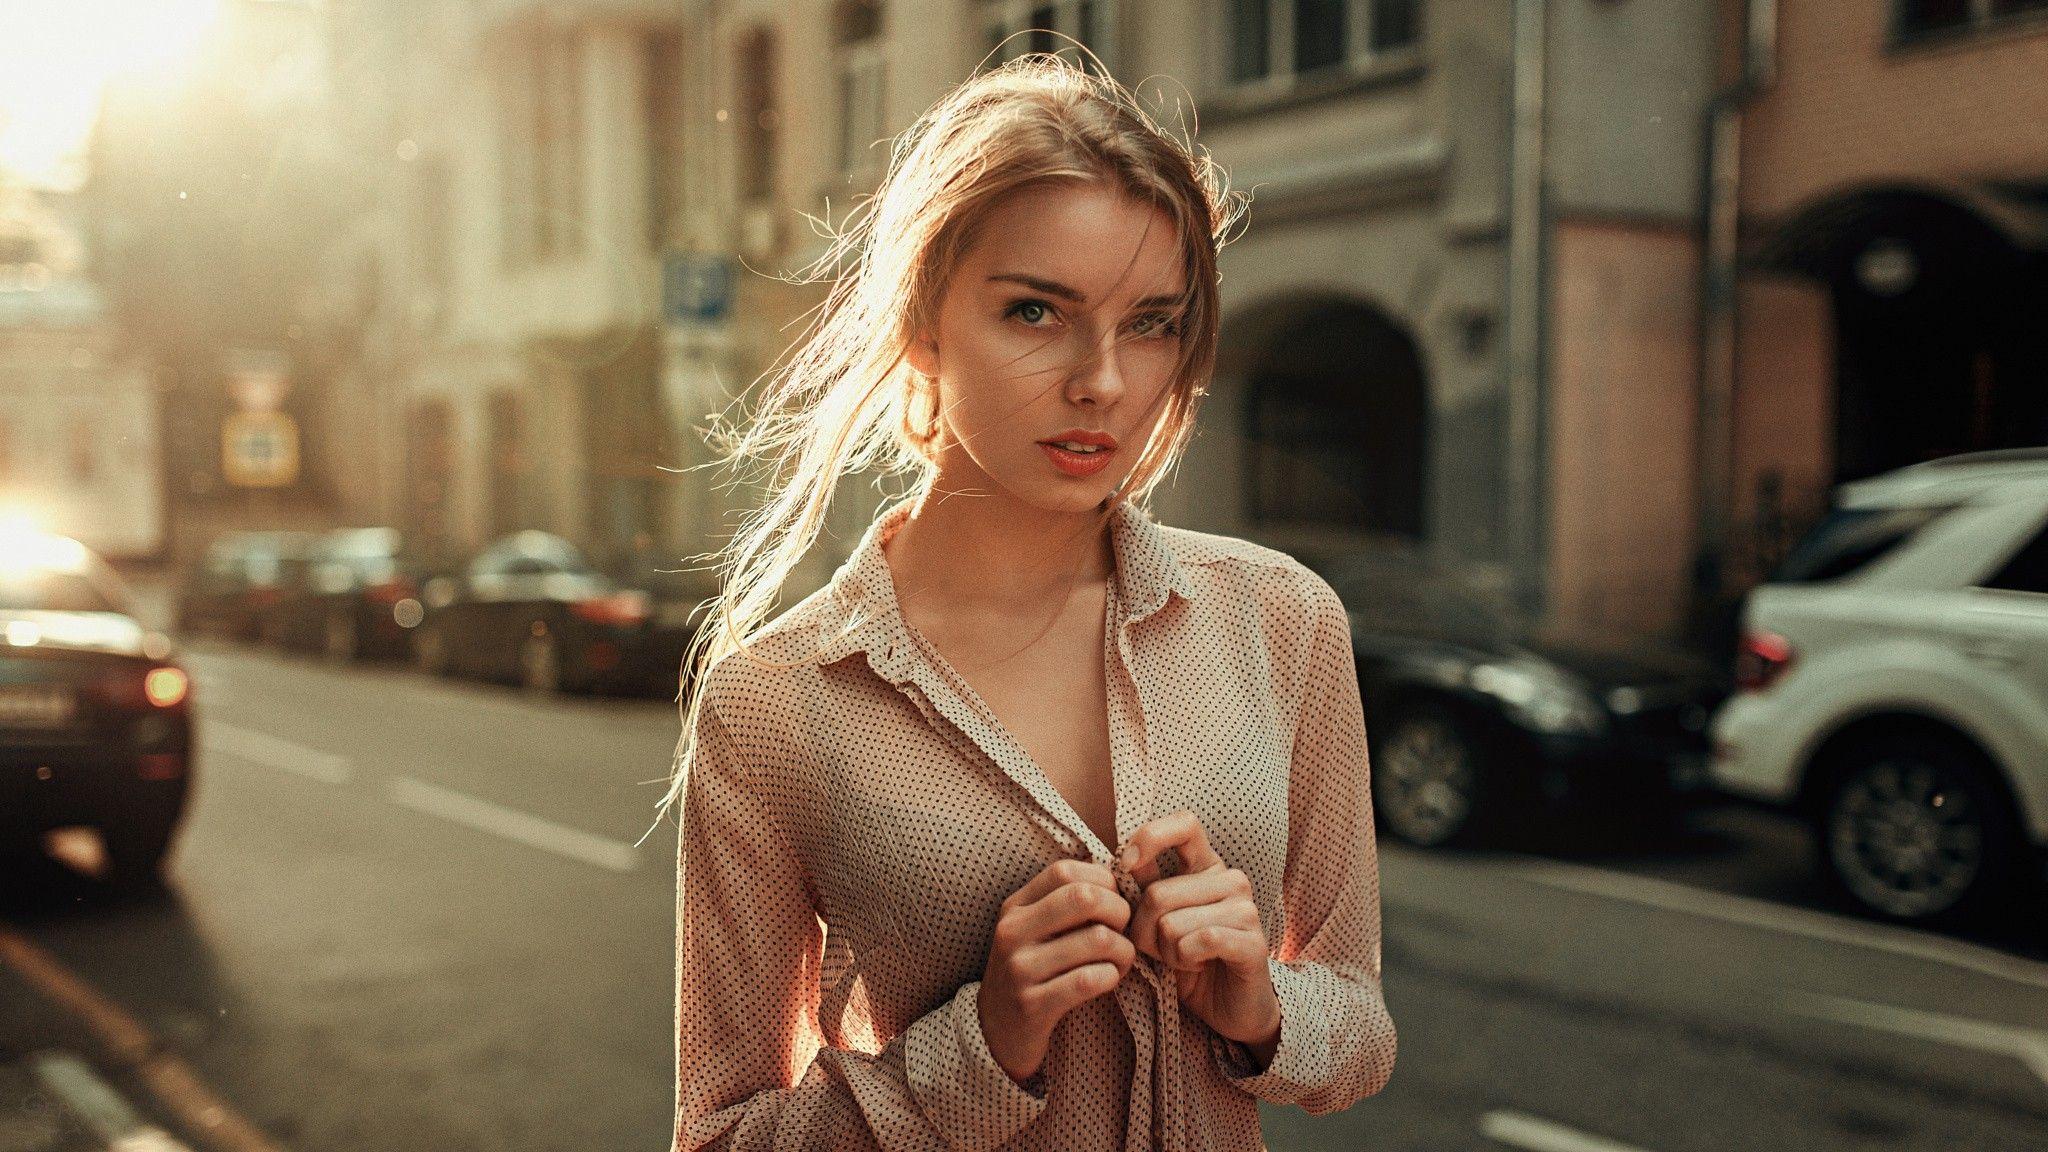 Alyssa Leblanc Nude women outdoors, #long hair, #model, #blonde, #street, #women